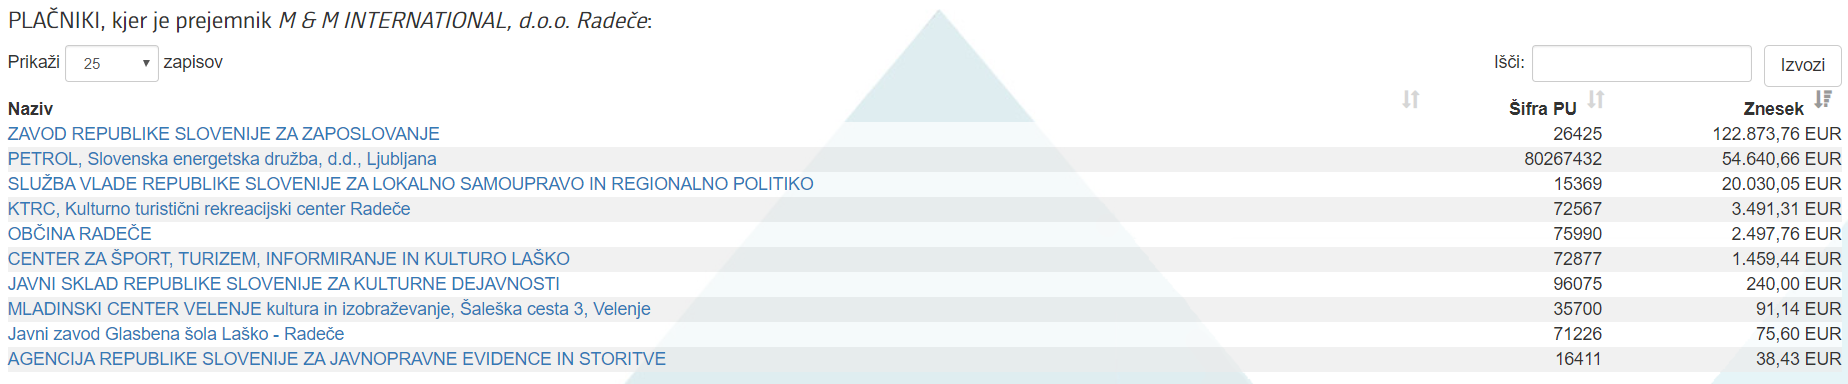 Podjetje Matjaža Hana in njegovi zaslužki z državnimi podjetji in ustanovami. (vir ERAR)